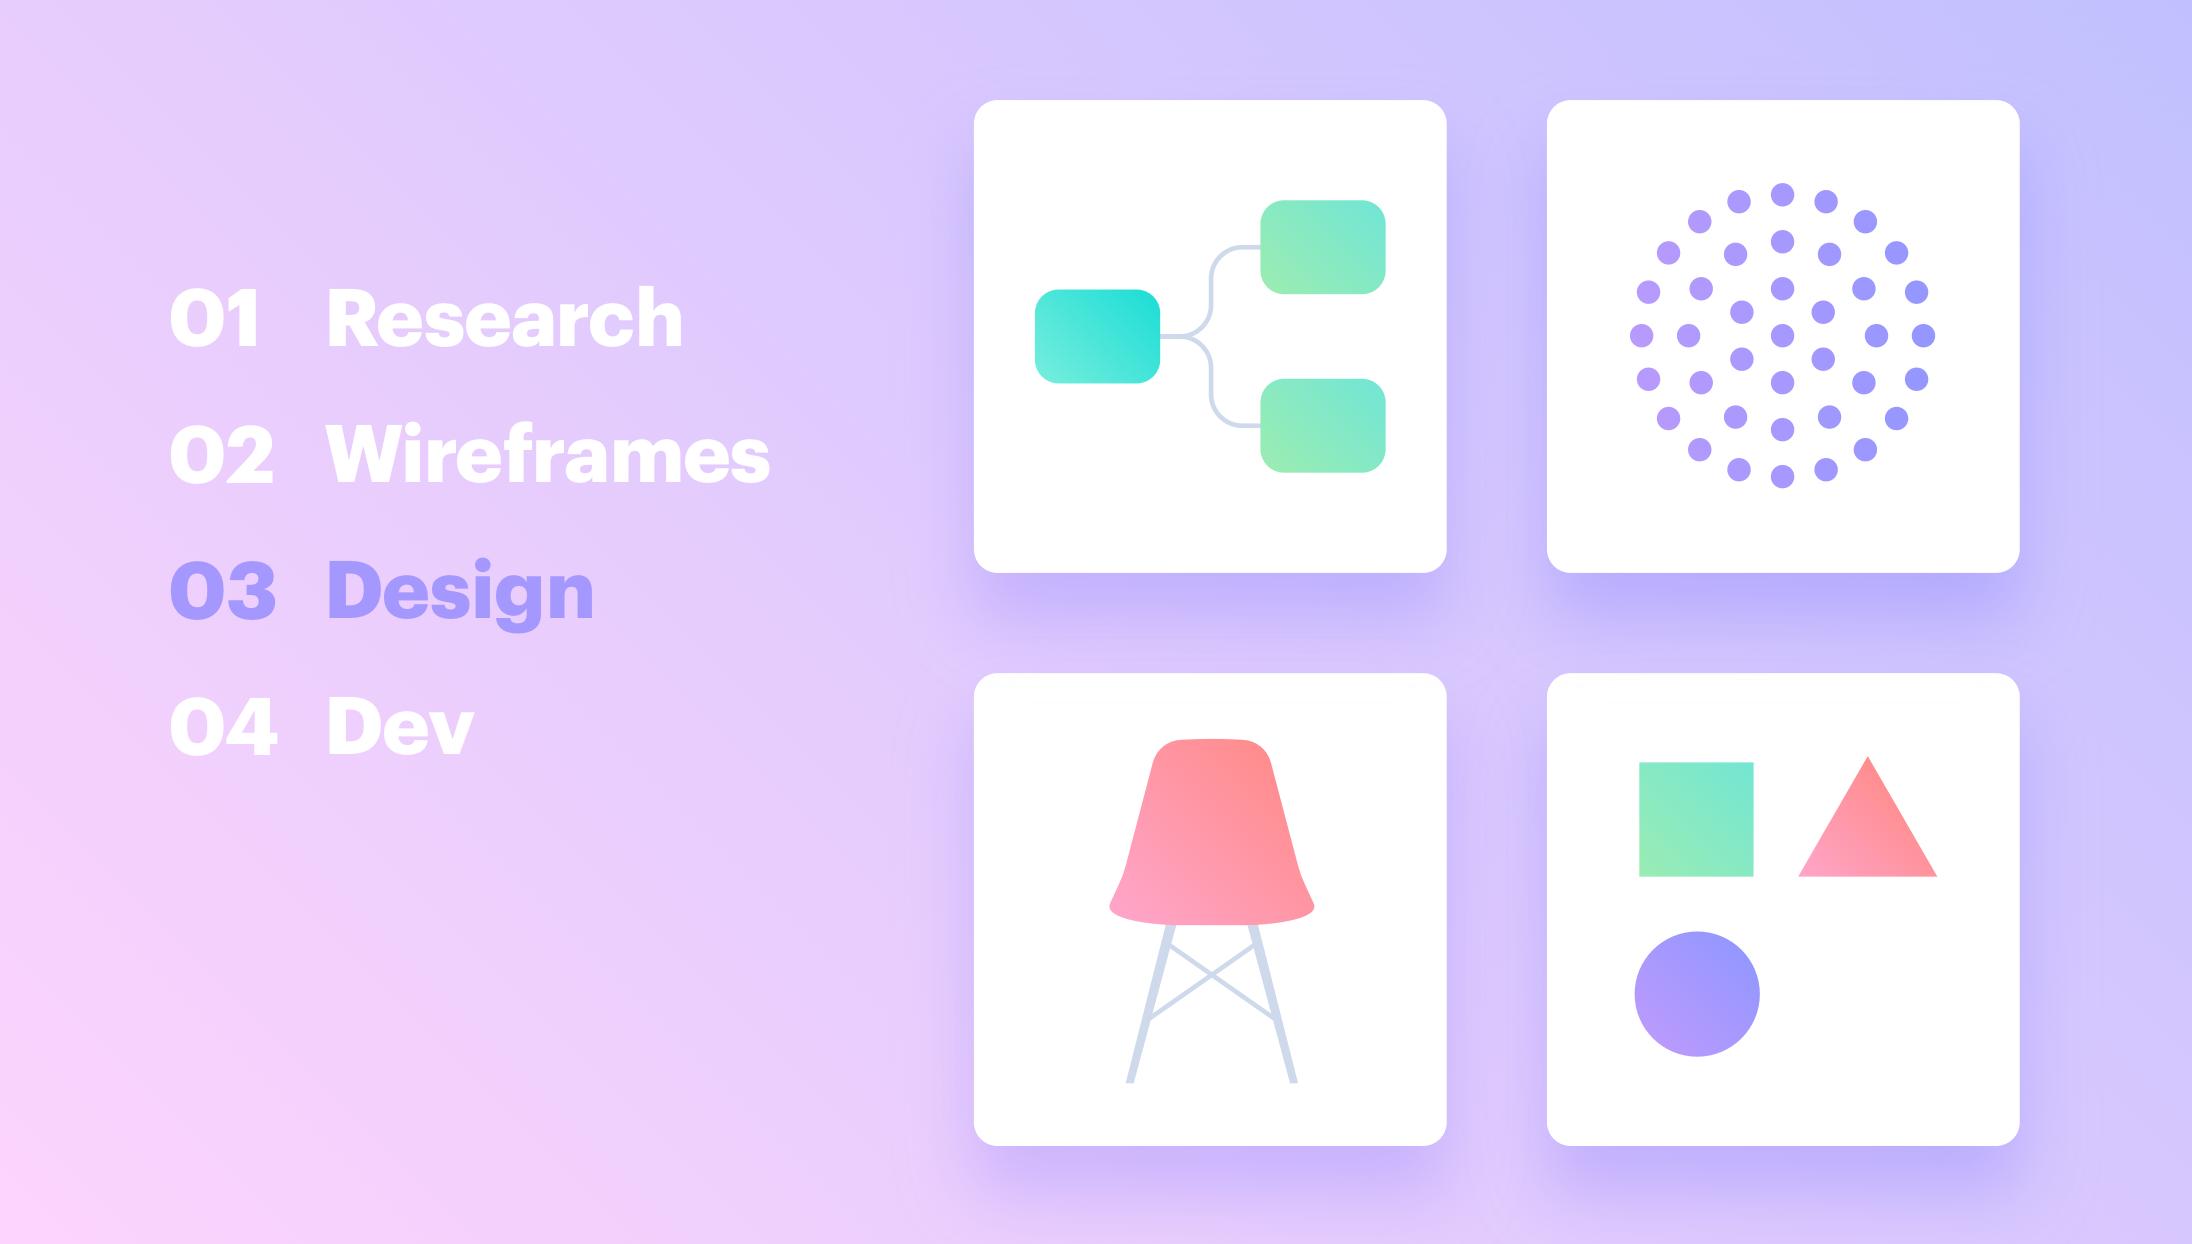 Finalver Psd How To Organize Files In A Design Agency Design Agency File Organization Web Design Tips